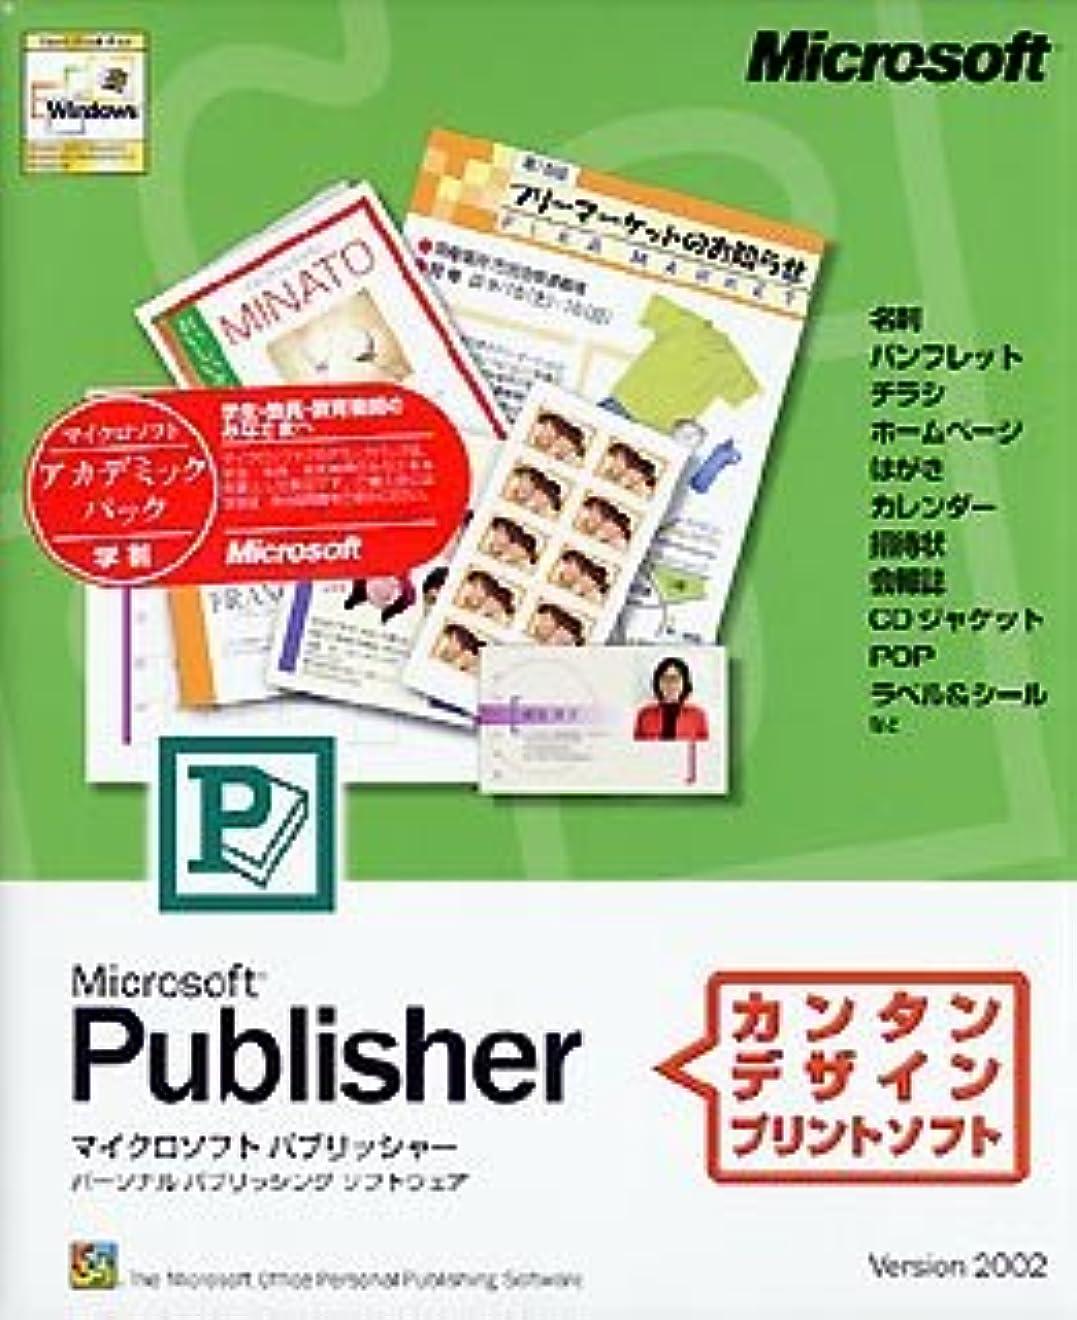 曲げる熱心な原点【旧商品】Microsoft Publisher Version 2002 アカデミックパック